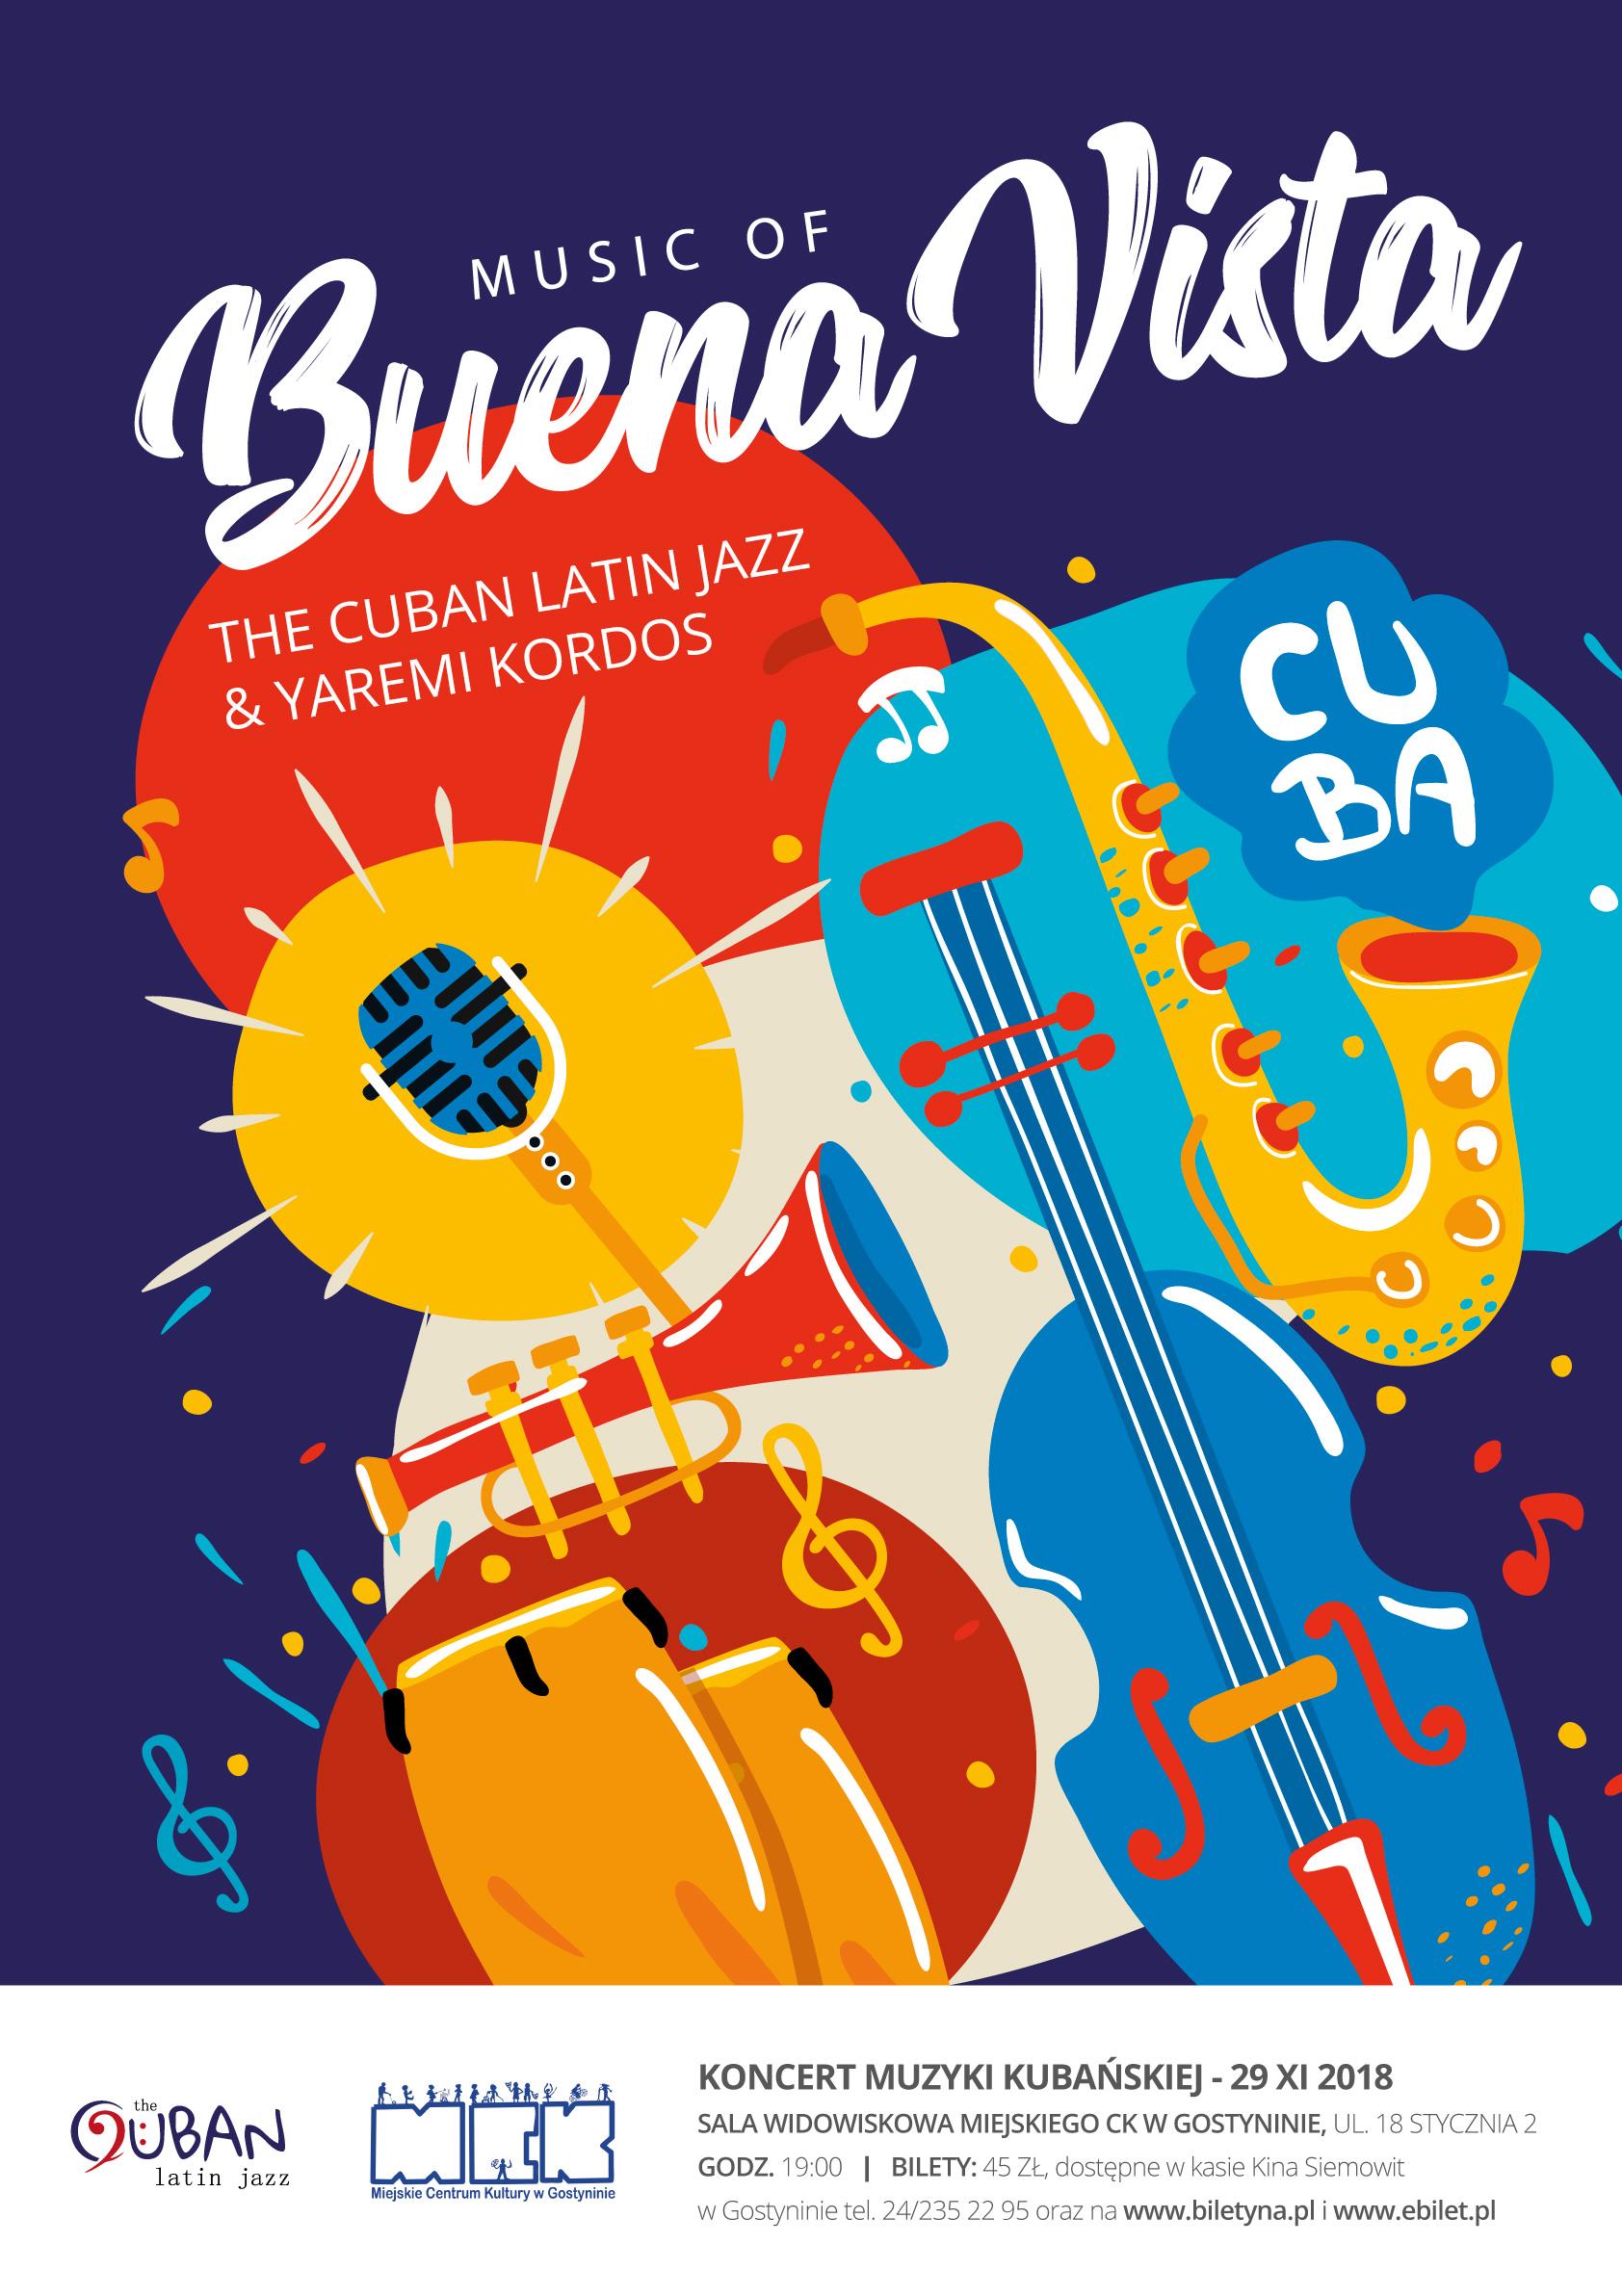 KONCERT MUZYKI KUBAŃSKIEJ music of Buena Vista